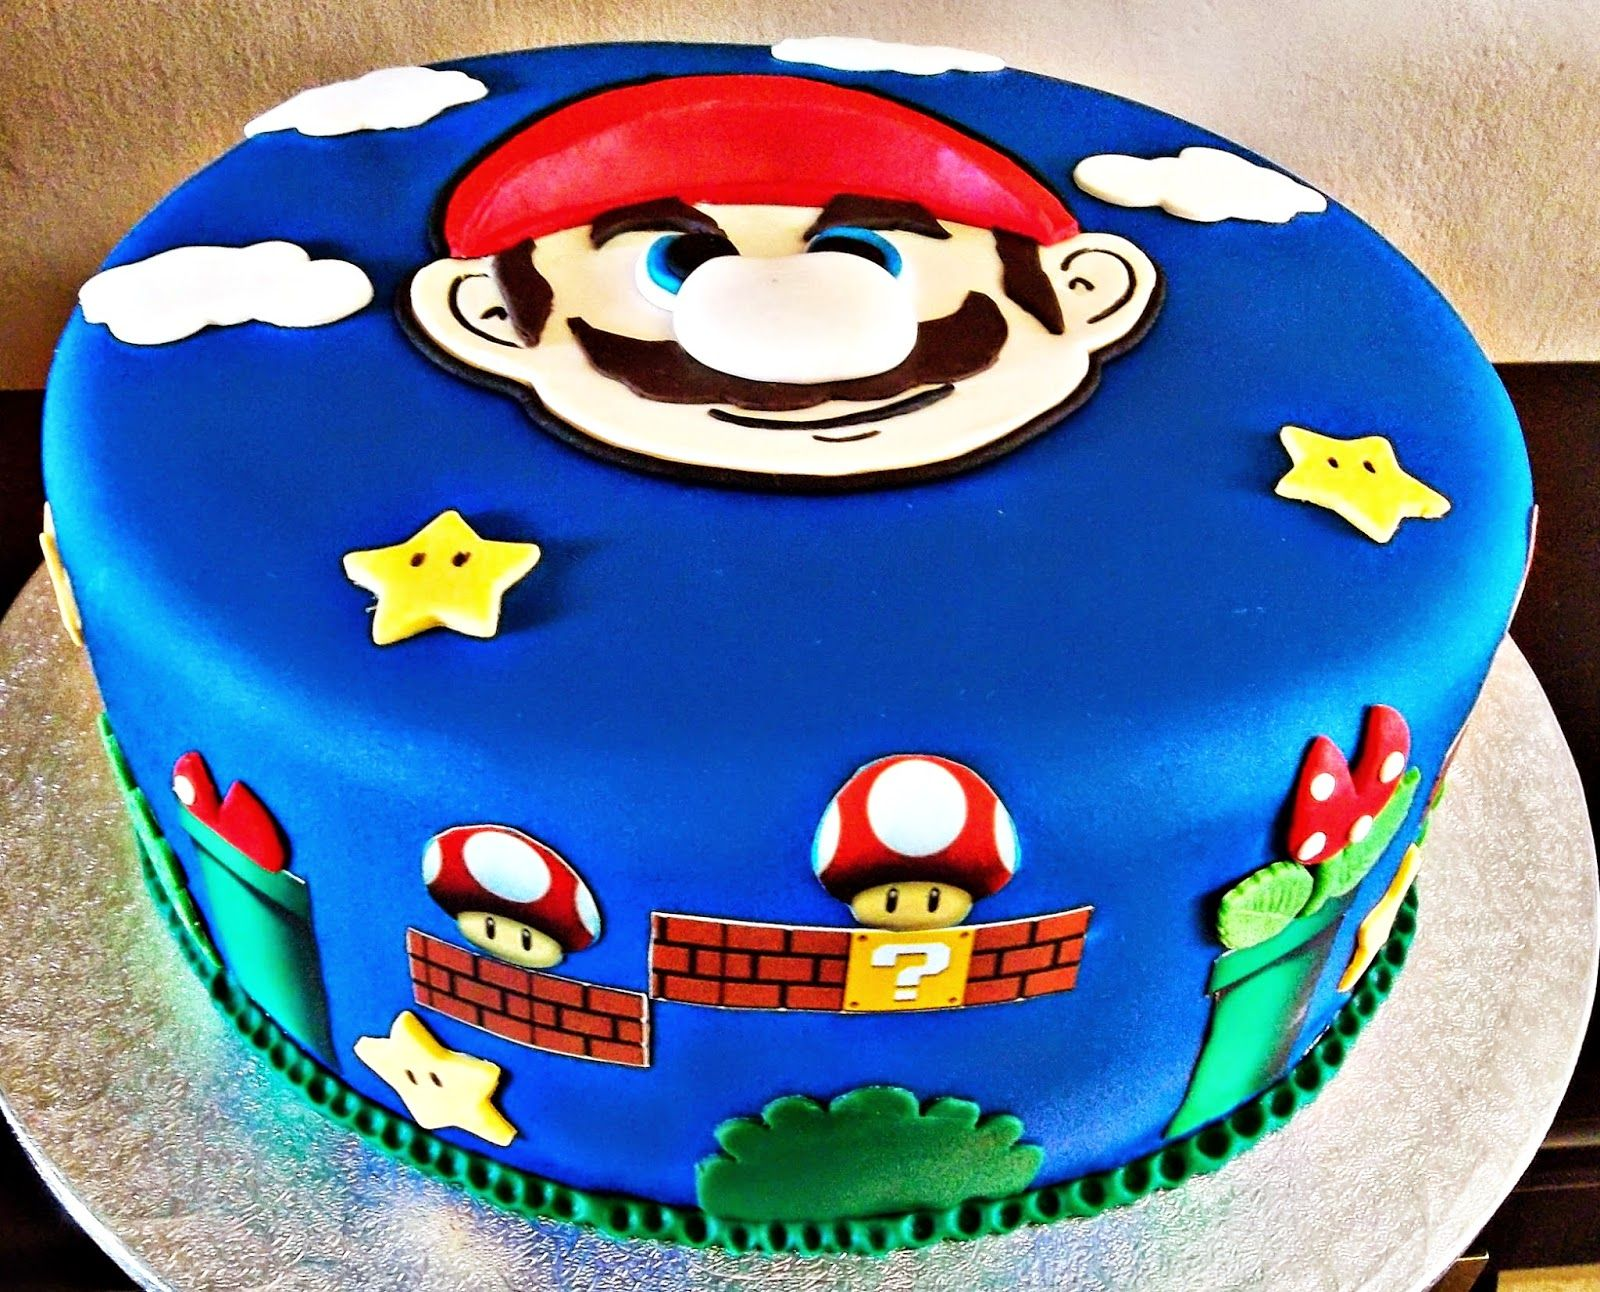 Crema Y Chocolate Tarta Super Mario Bros